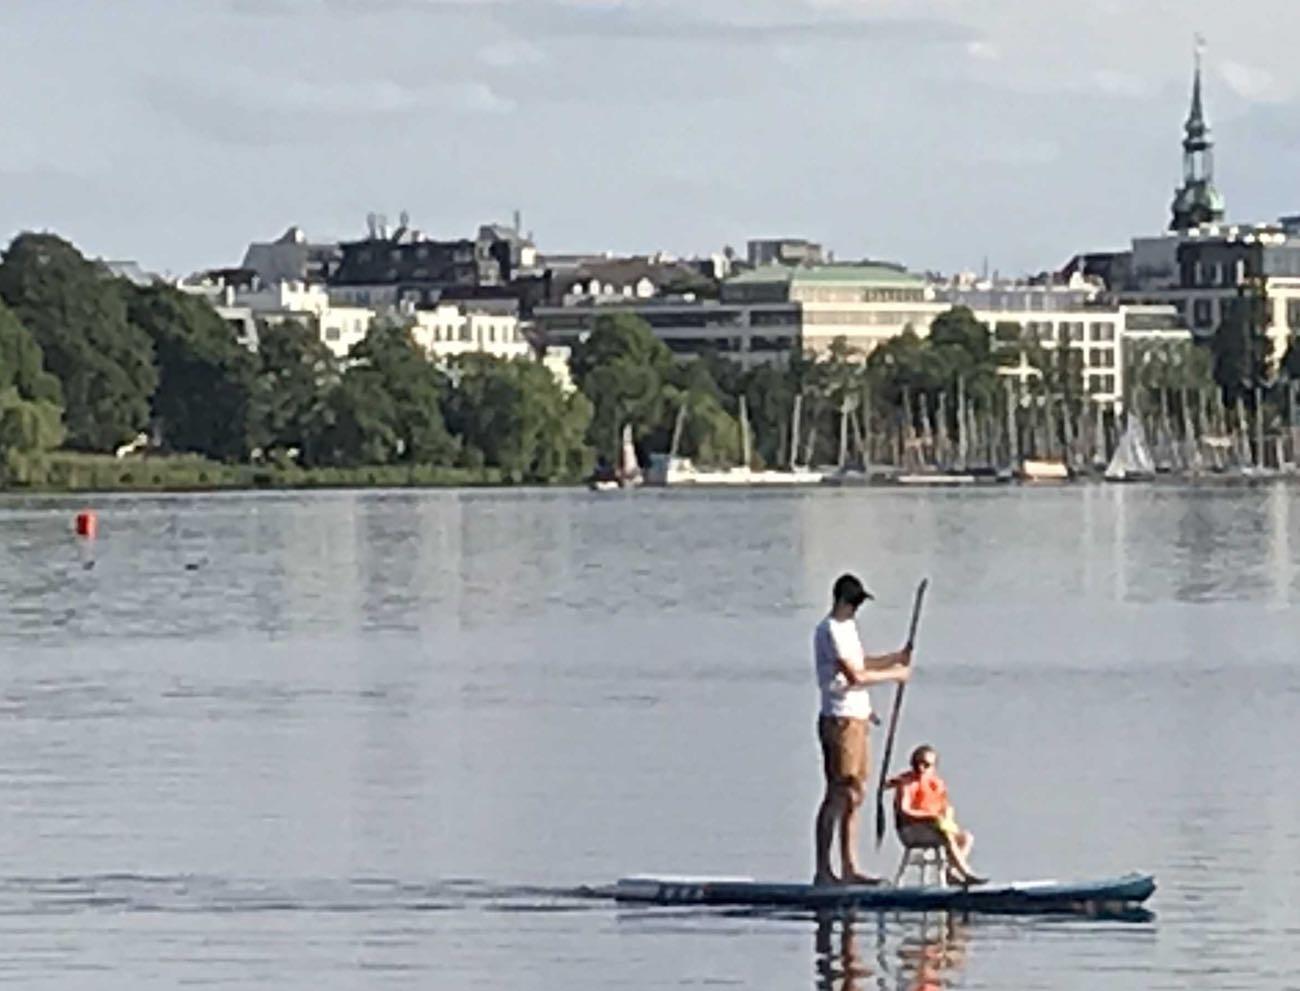 Vater und Tochter erfinden einen neuen Wassersport: Sit-down-Paddling